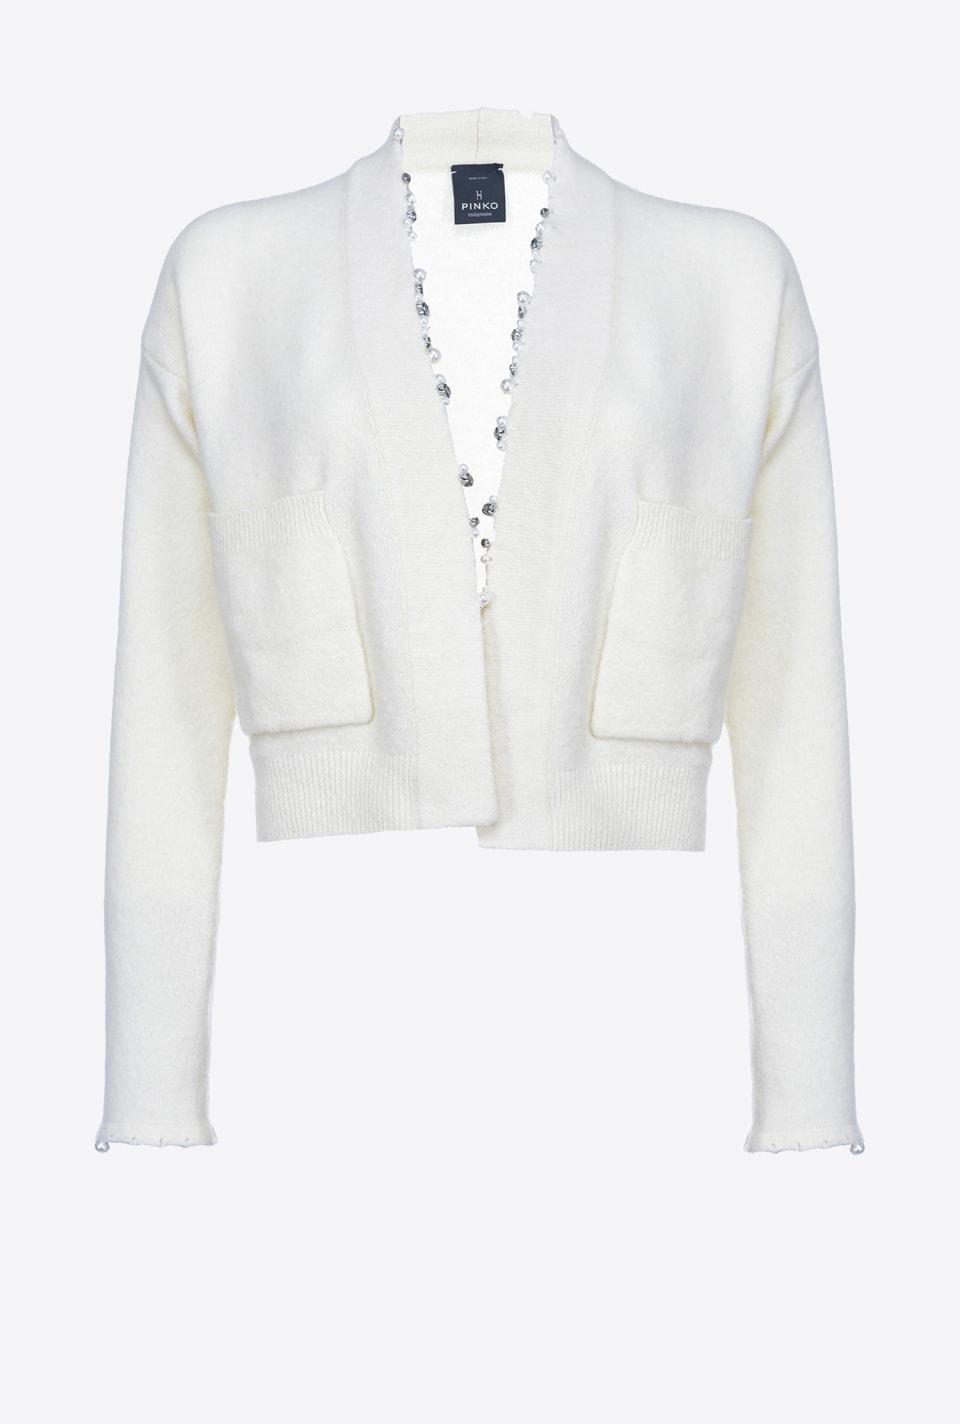 珍珠装饰短款开襟衫 - Pinko